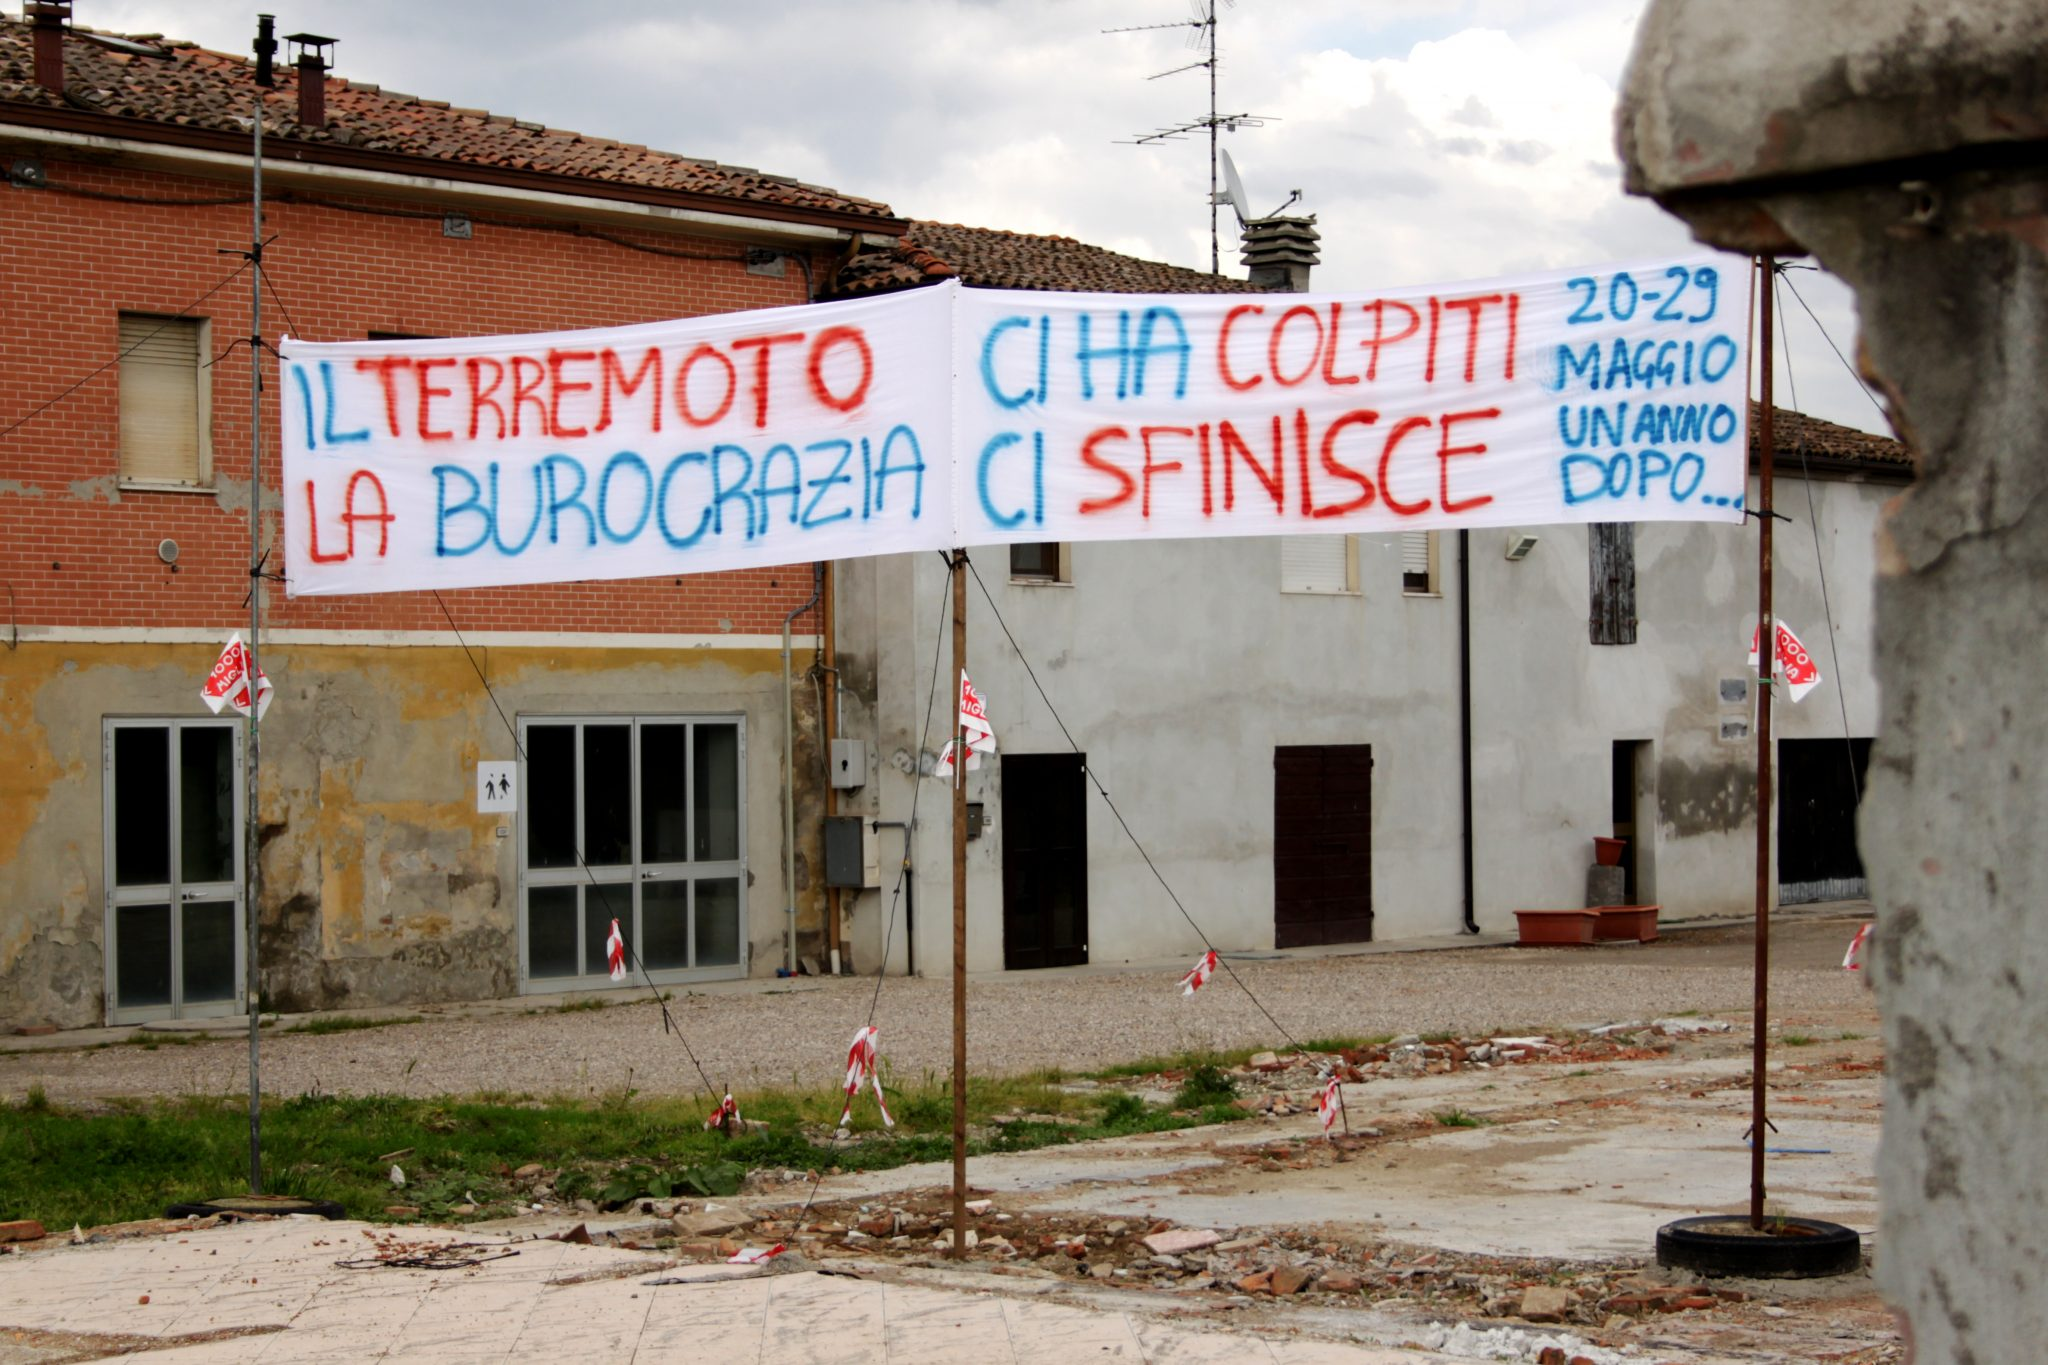 Ricostruzione Italia: non impariamo mai niente